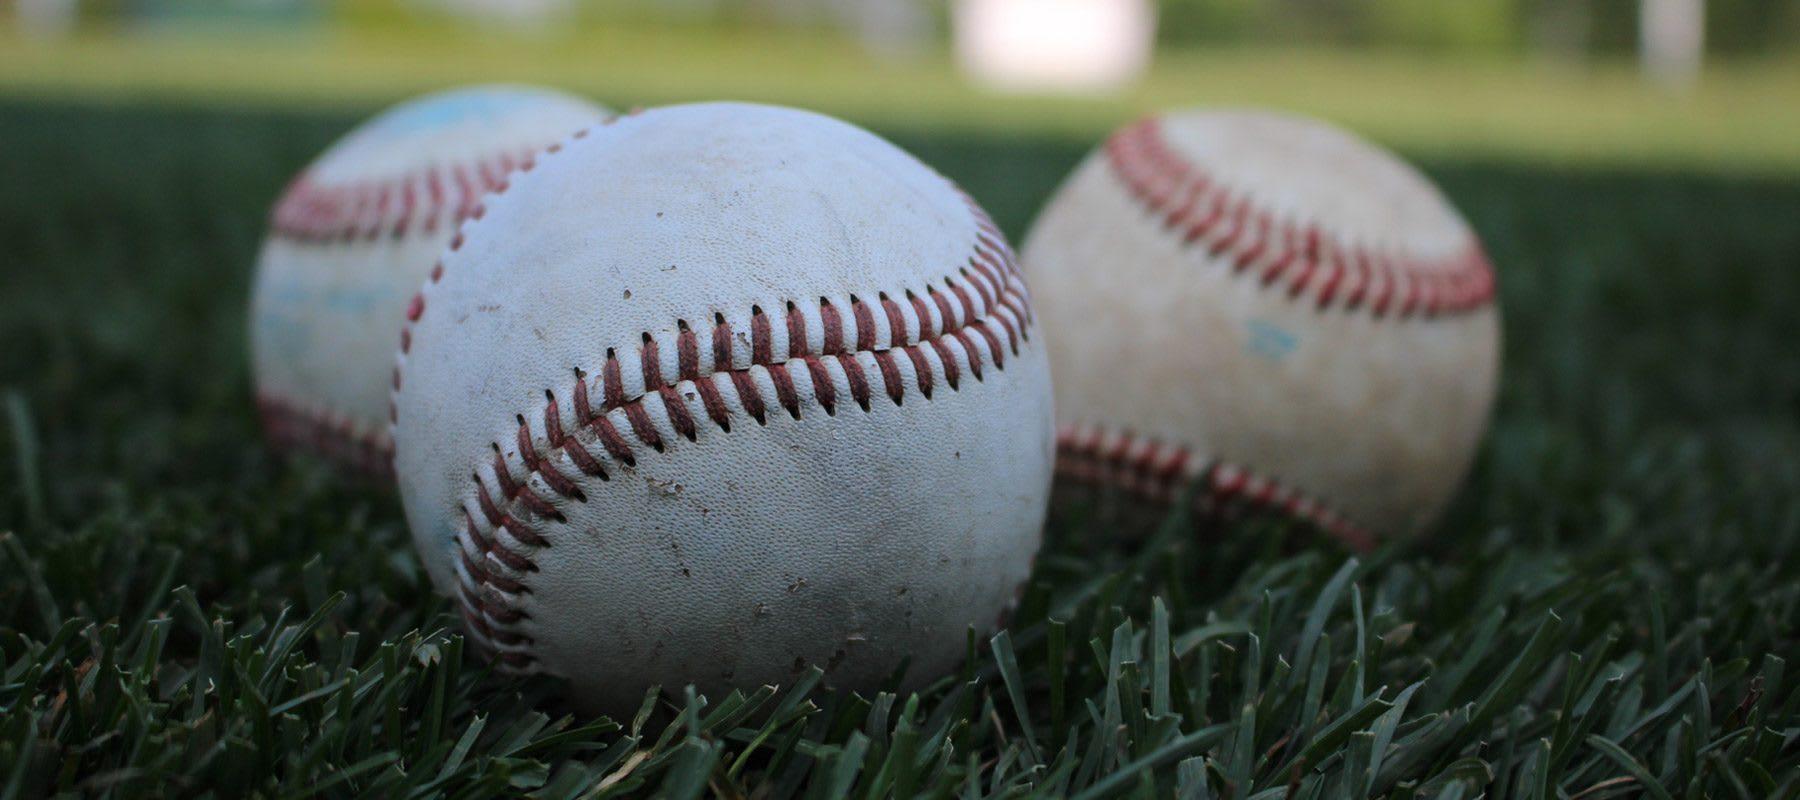 Baseballs and Softballs - Little League